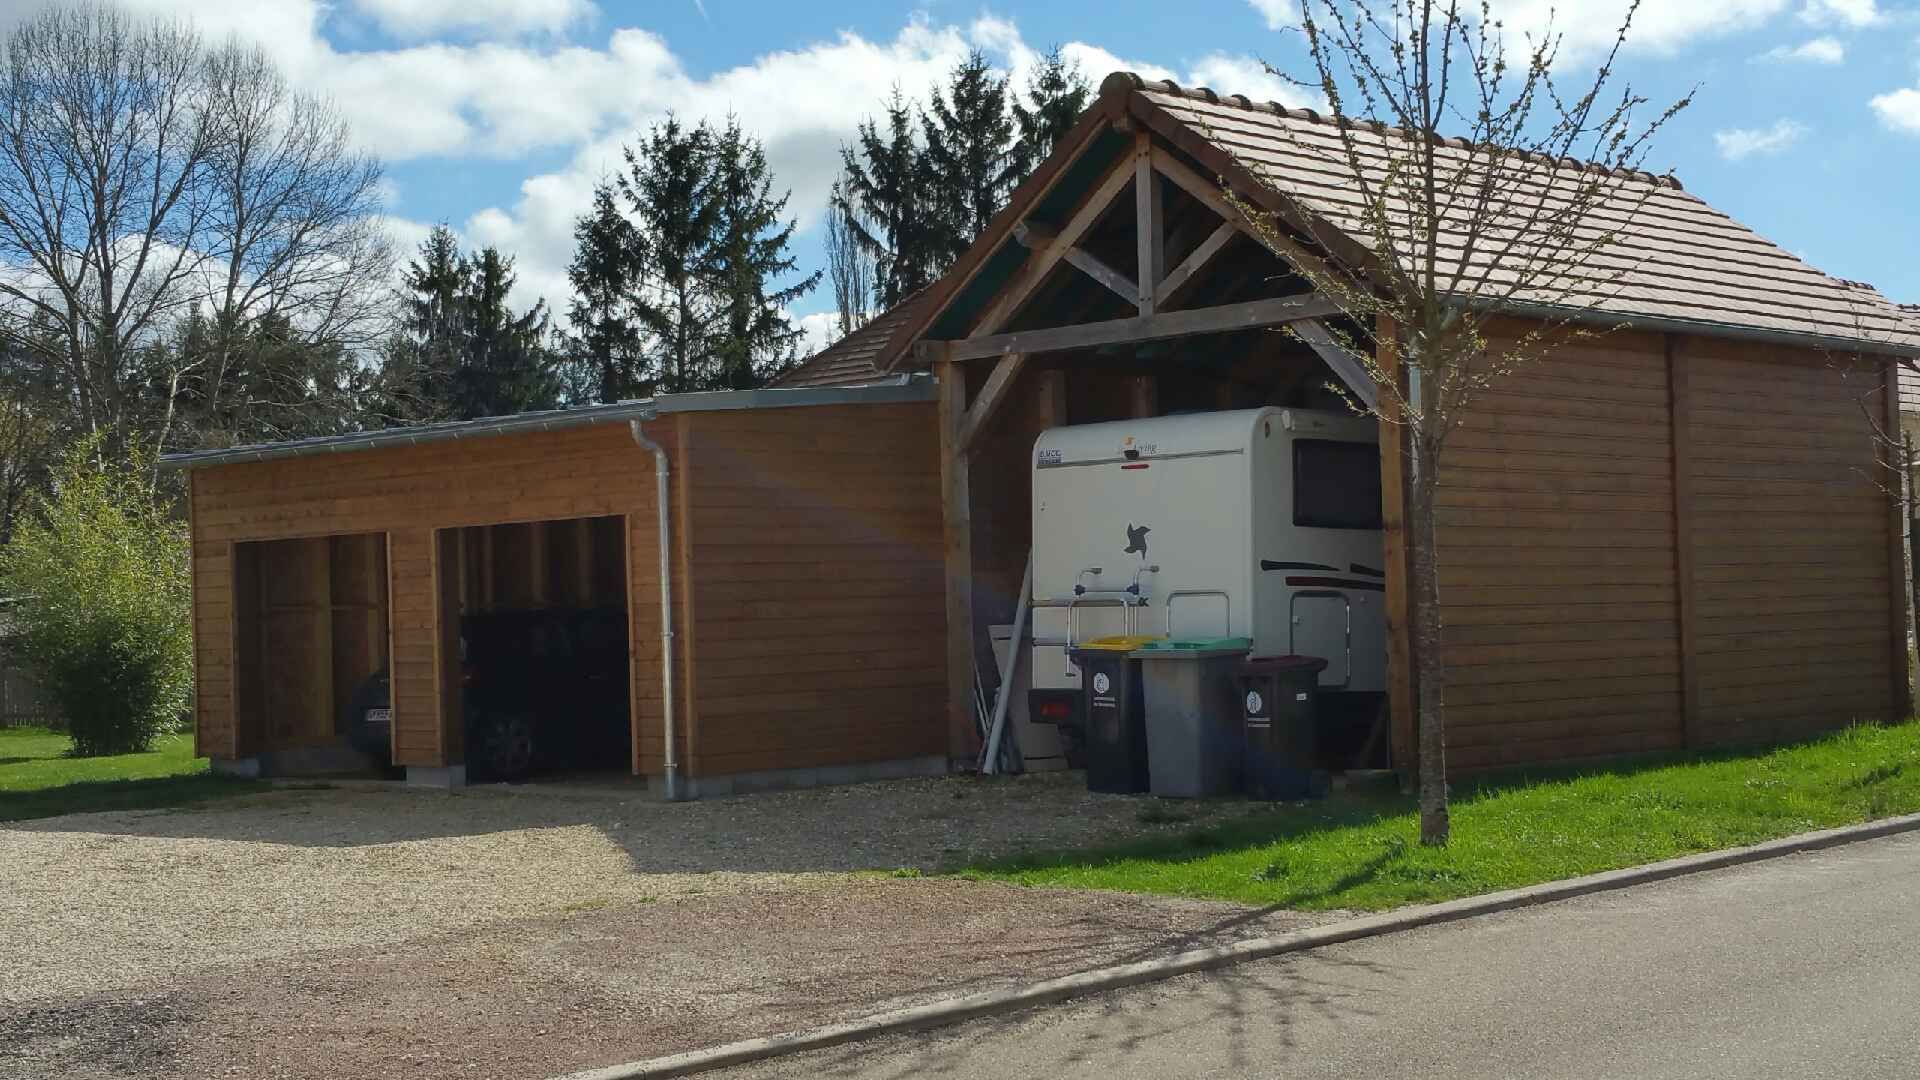 Maison ossature bois auxerre entreprise franck catoire charpentier